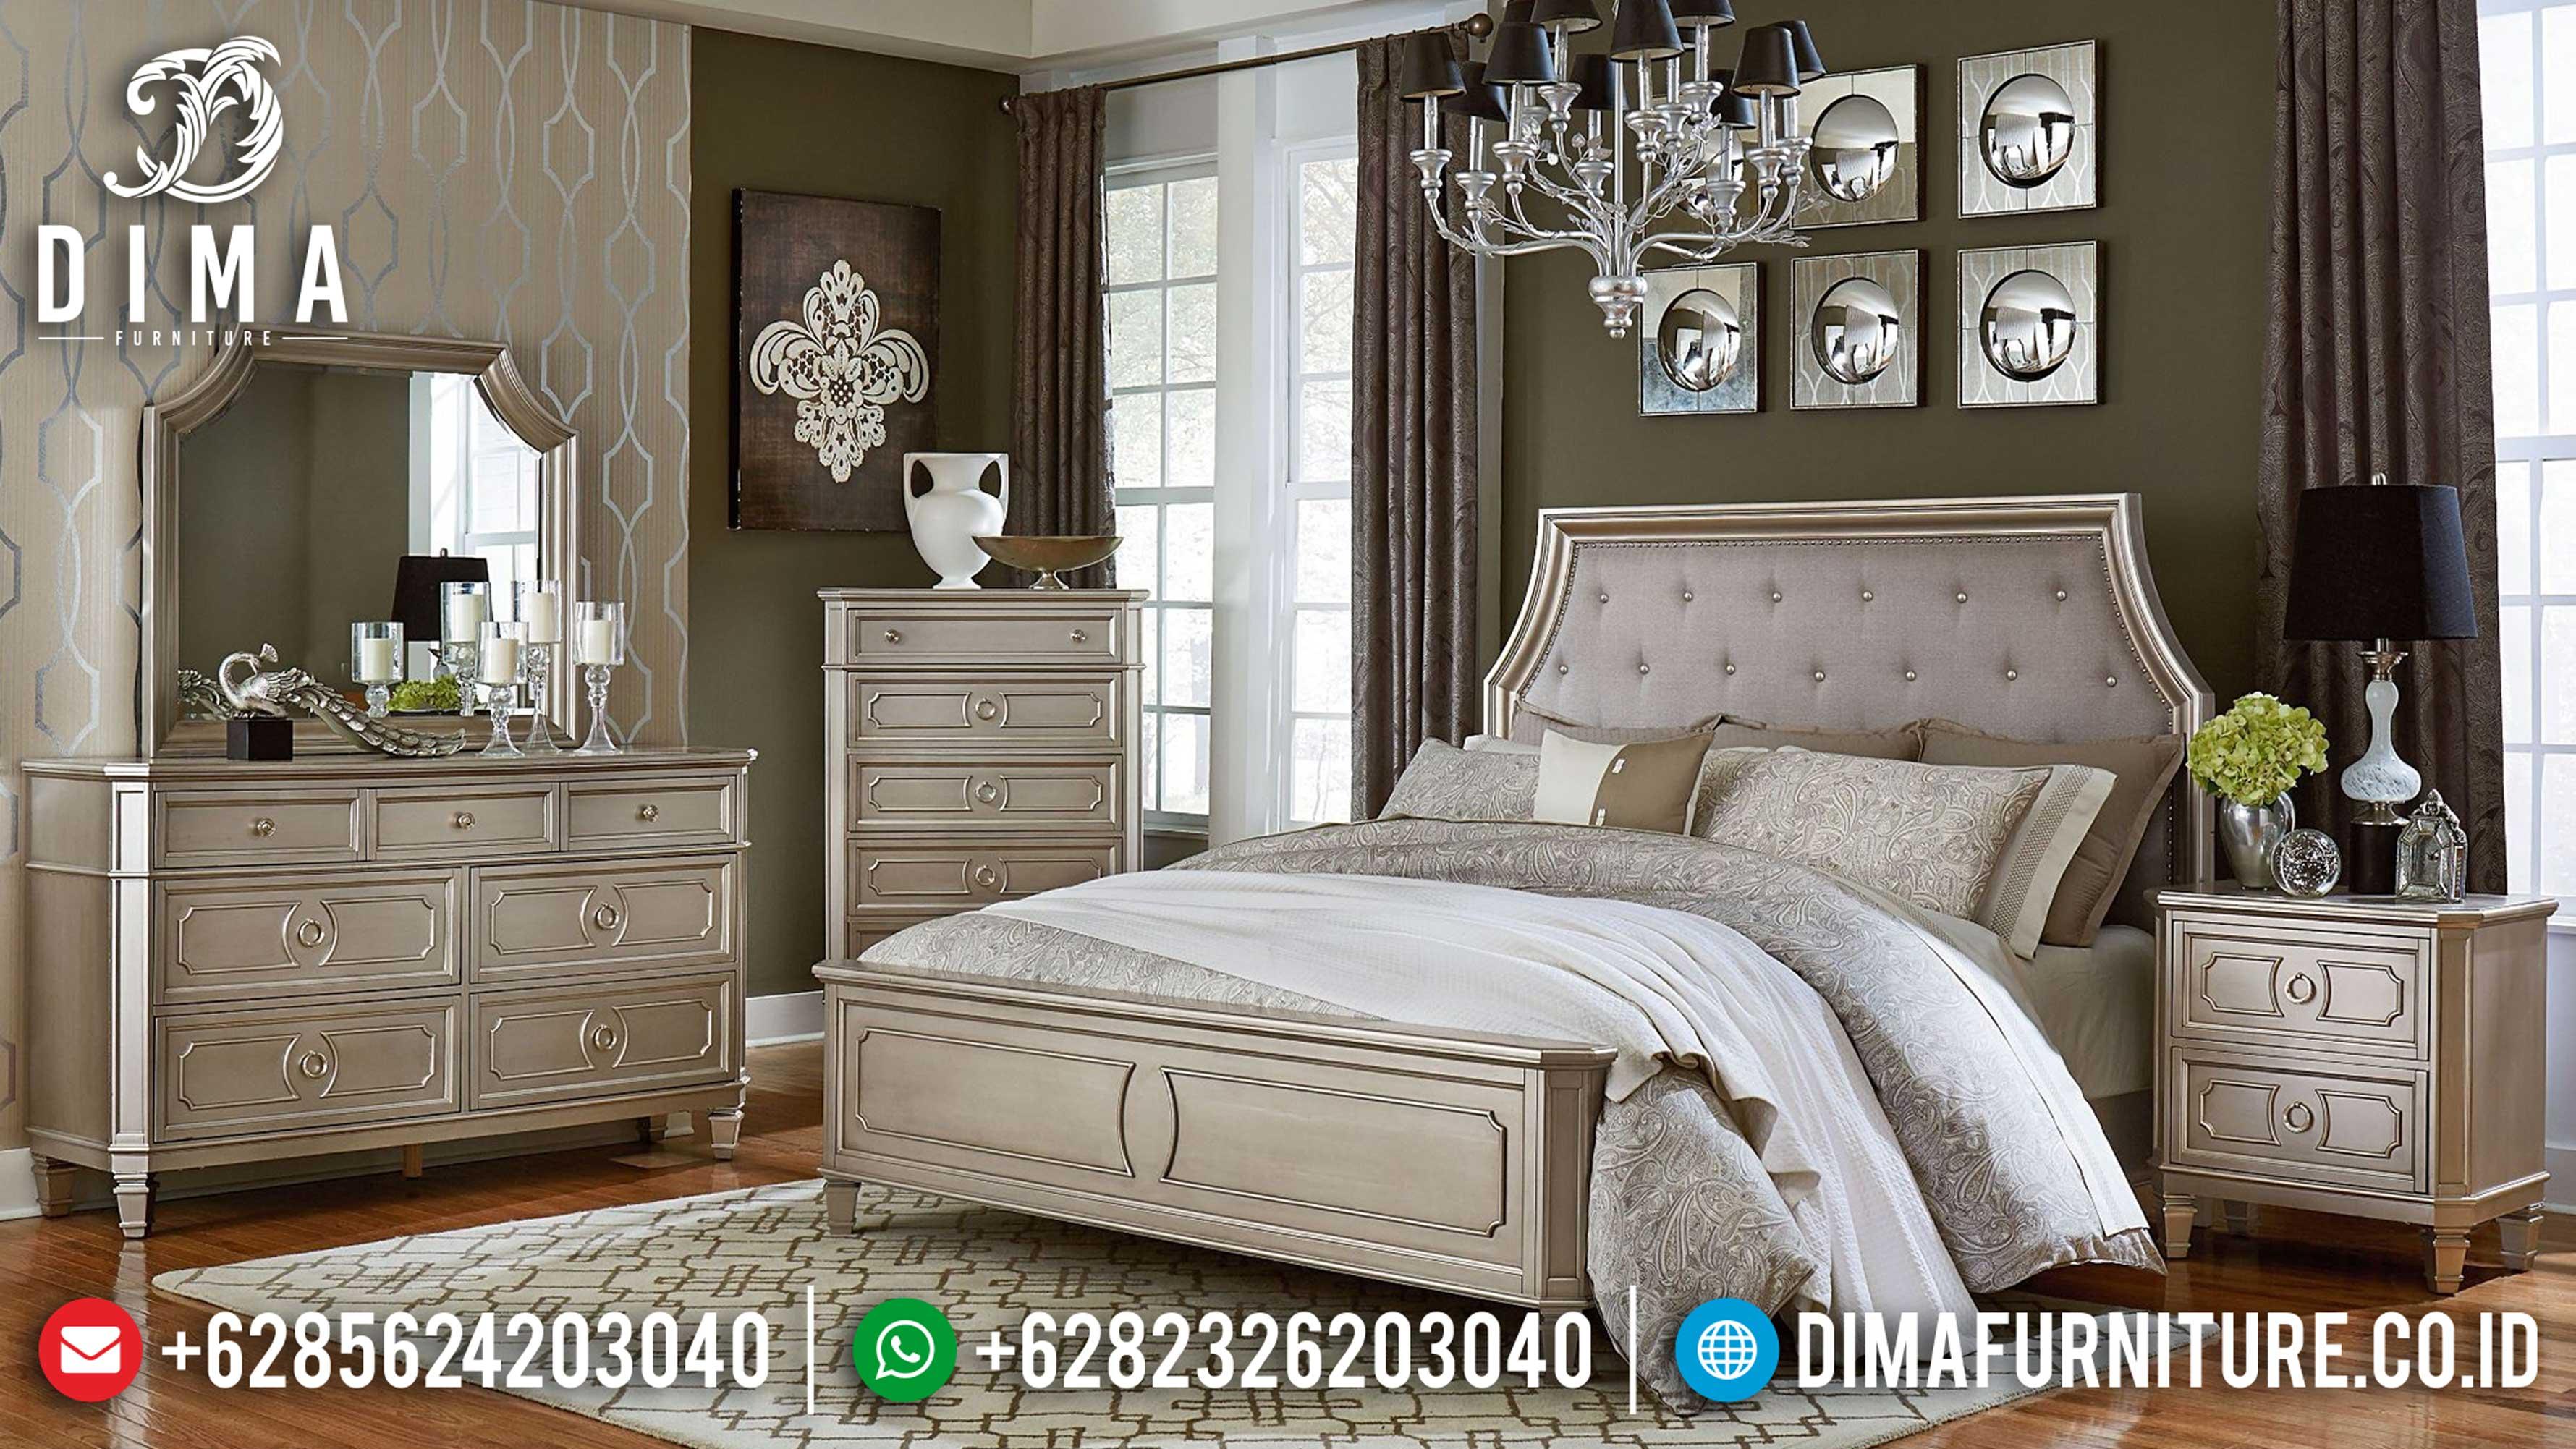 20+ Tempat Tidur Jepara Mewah Dan Minimalis Pilihan Tahun 2019 017 Dima Furniture Jepara